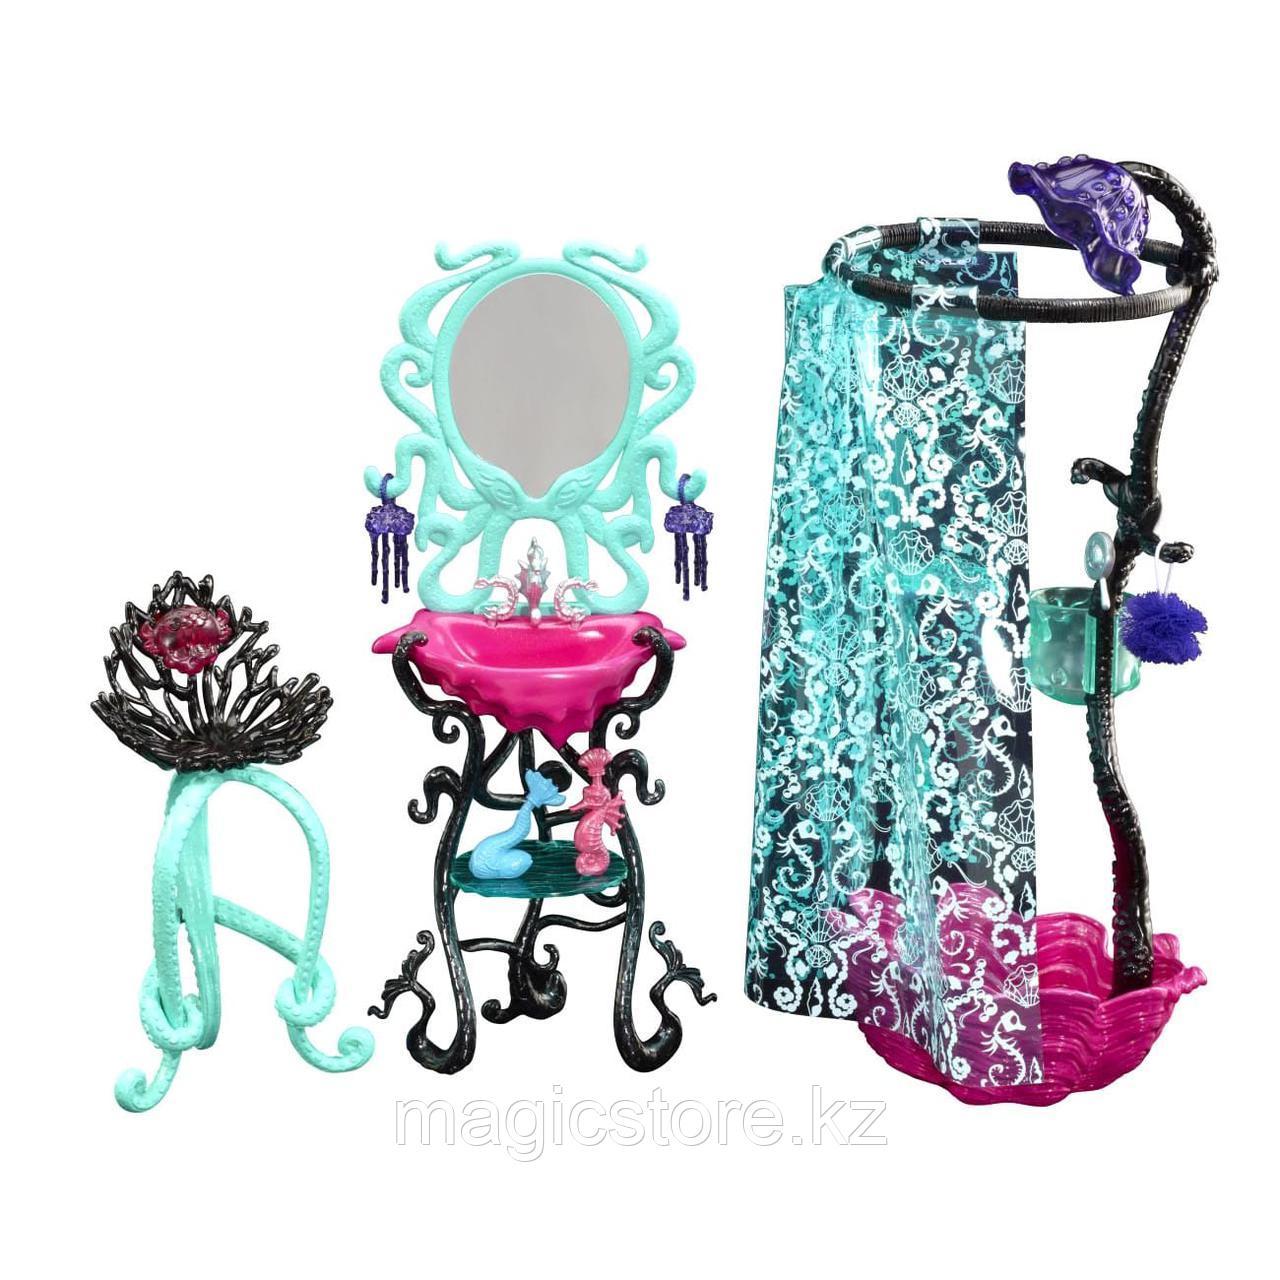 Душевая Monster High Лагуны Блю Lagoona Blue Shower and Vanity Playset - фото 1